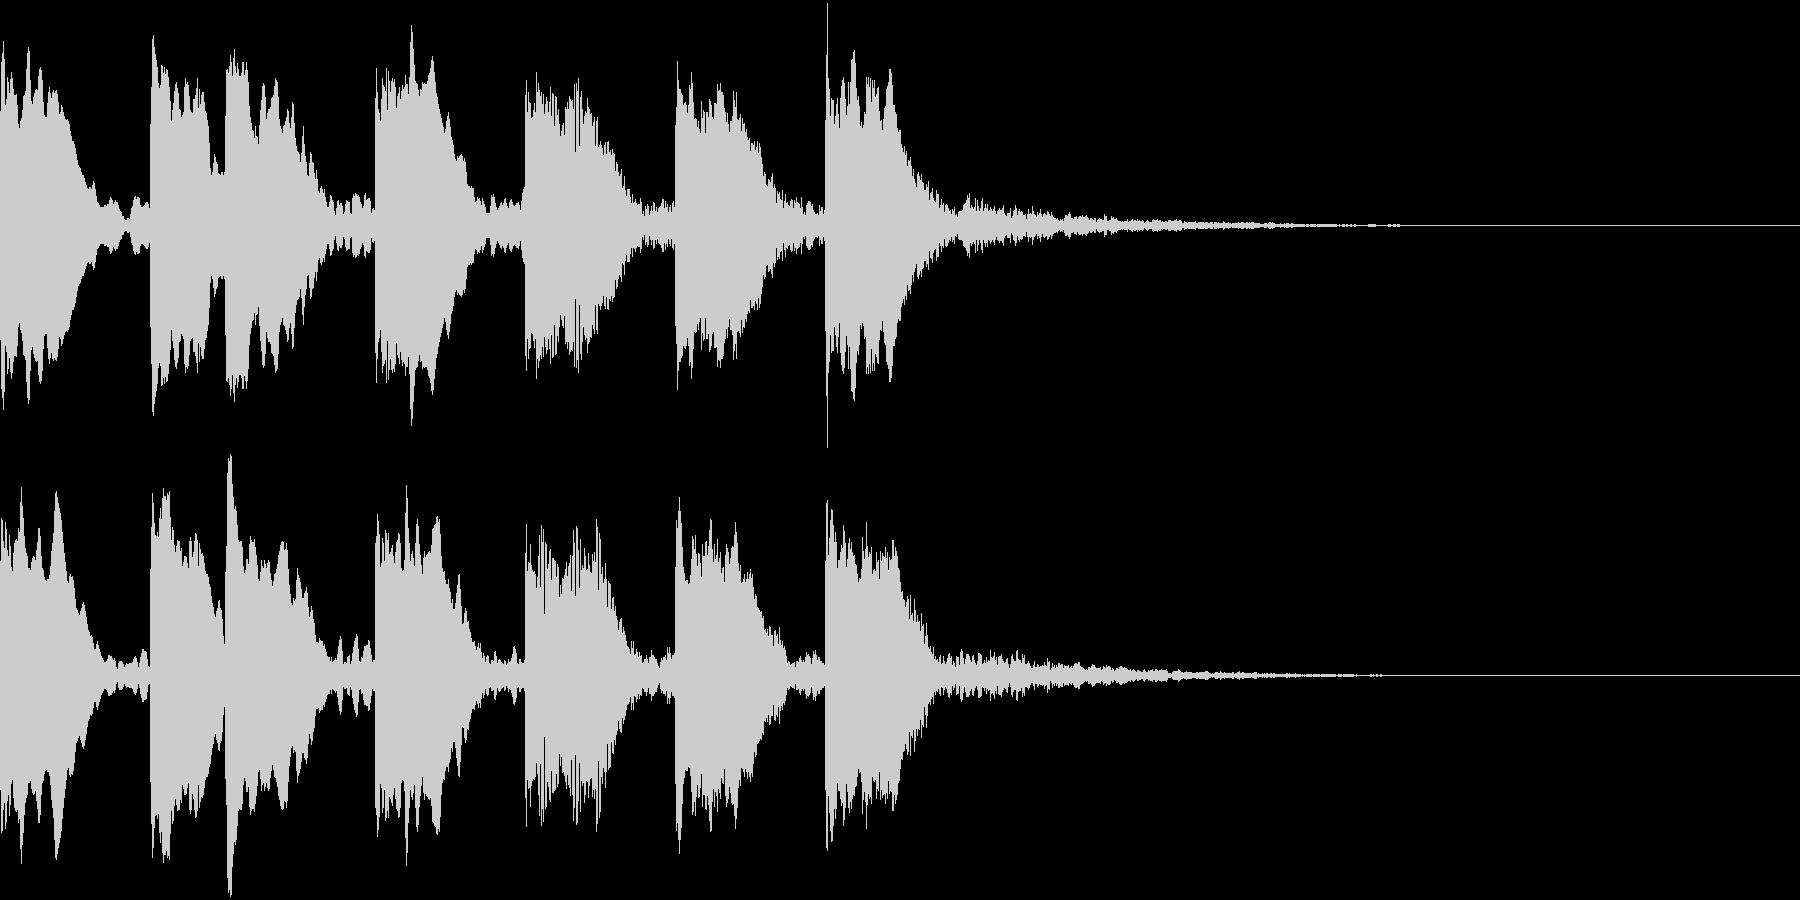 レベルアップ アイテム ヒット 4の未再生の波形